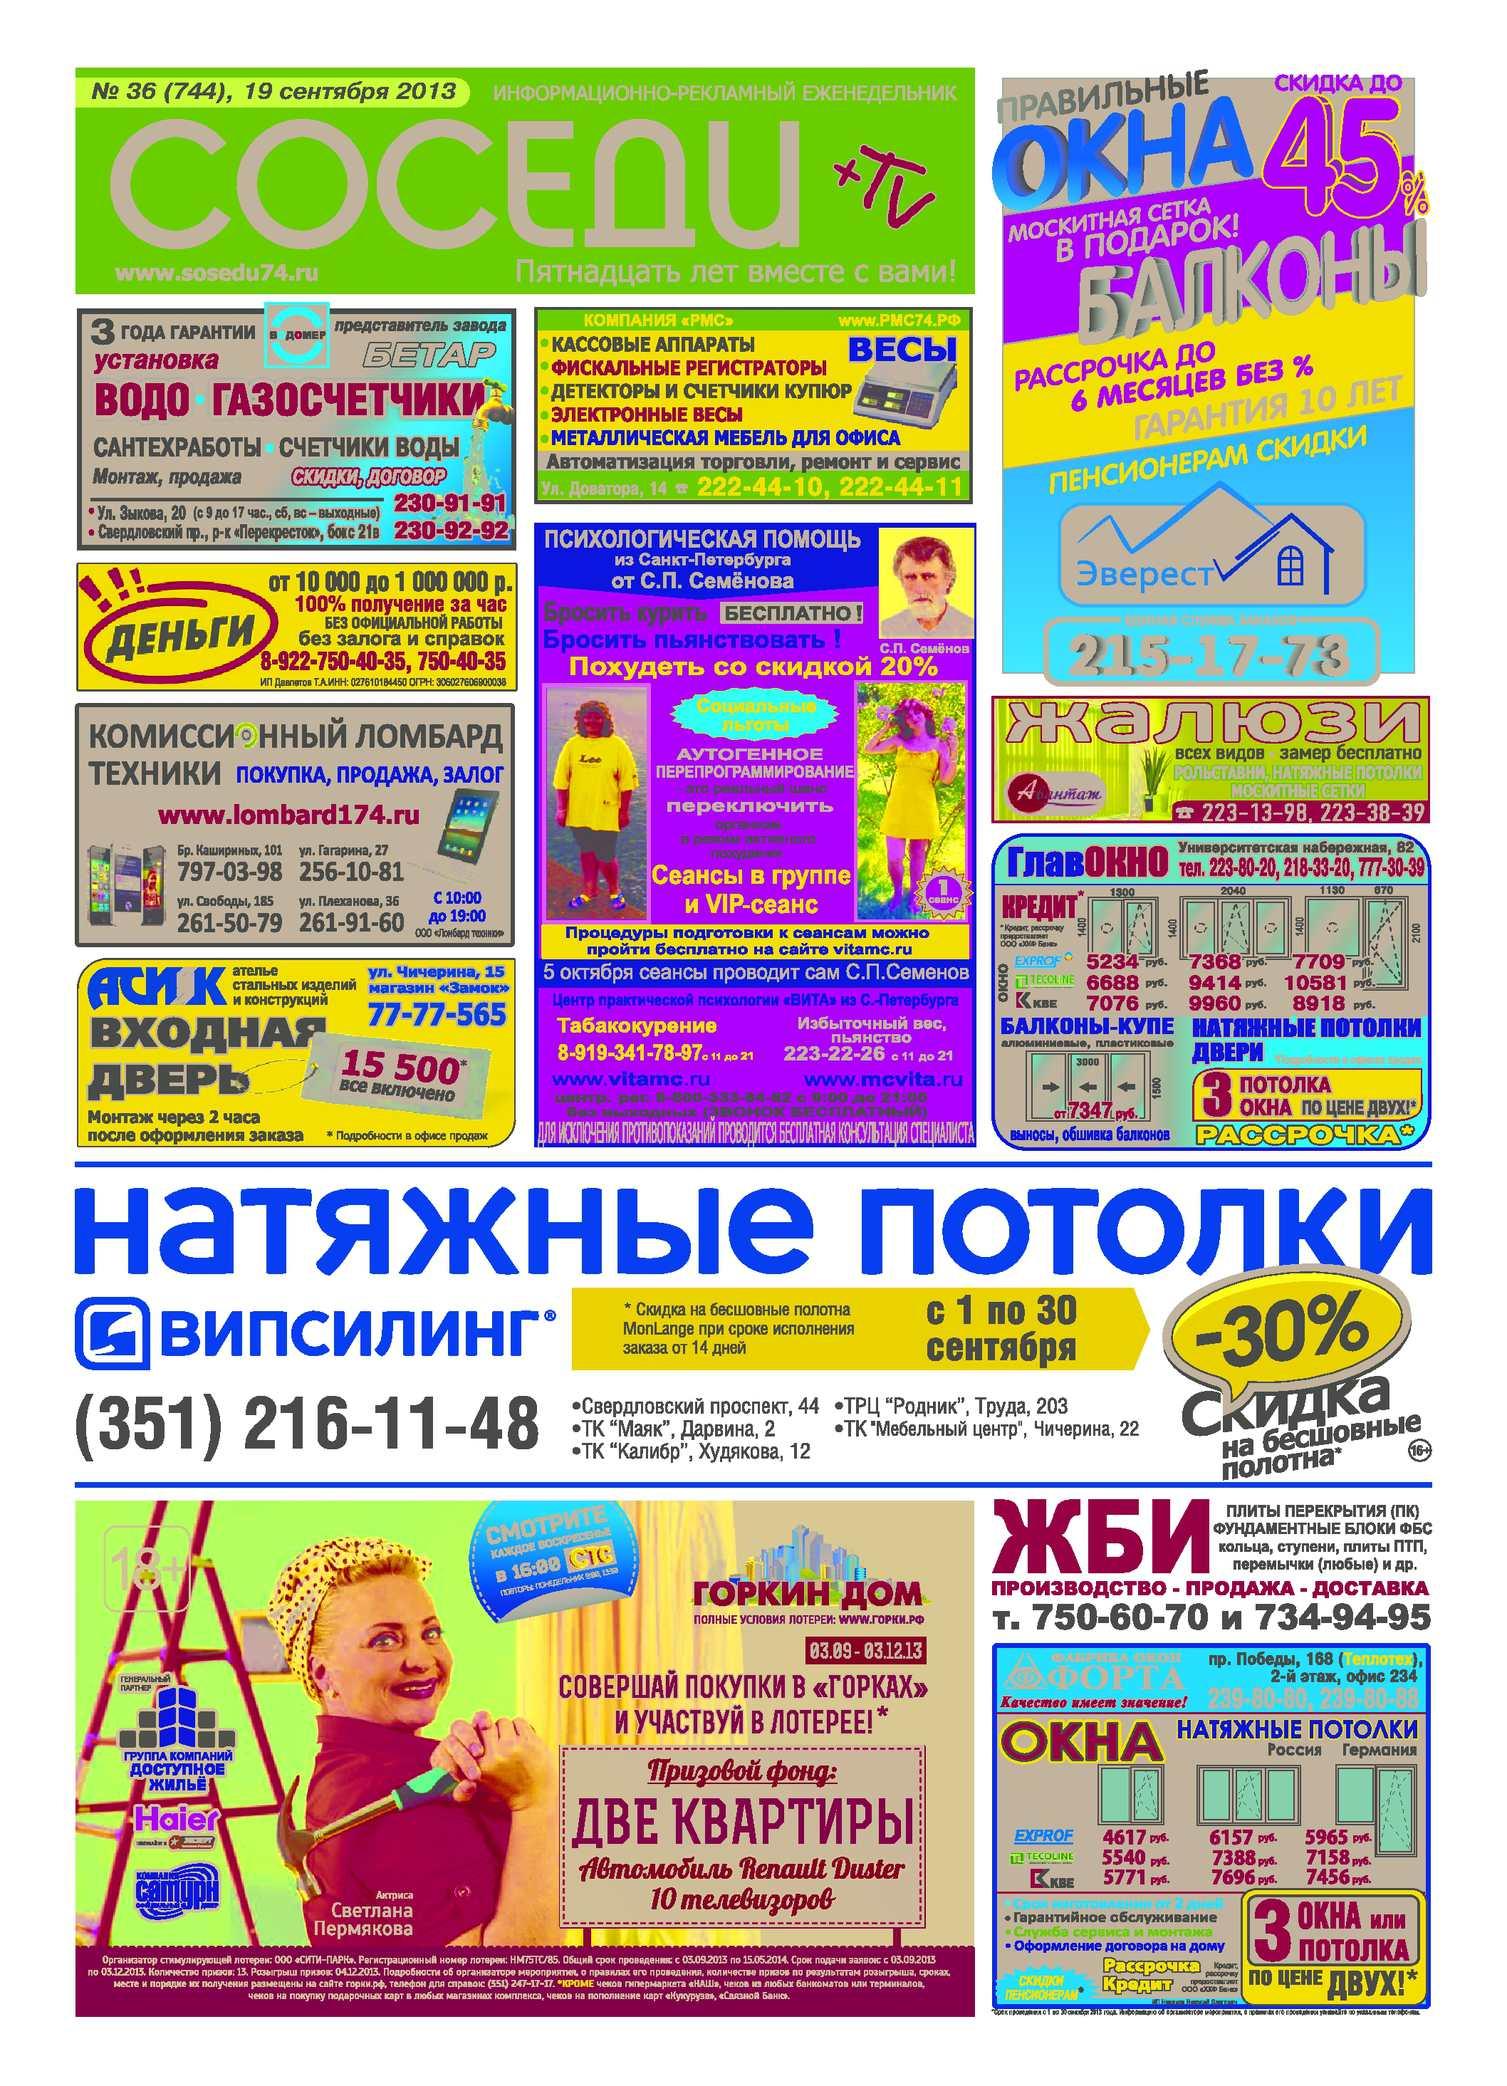 Котовская реклама объявления работа гала блейд недвижимость саратова подать объявление